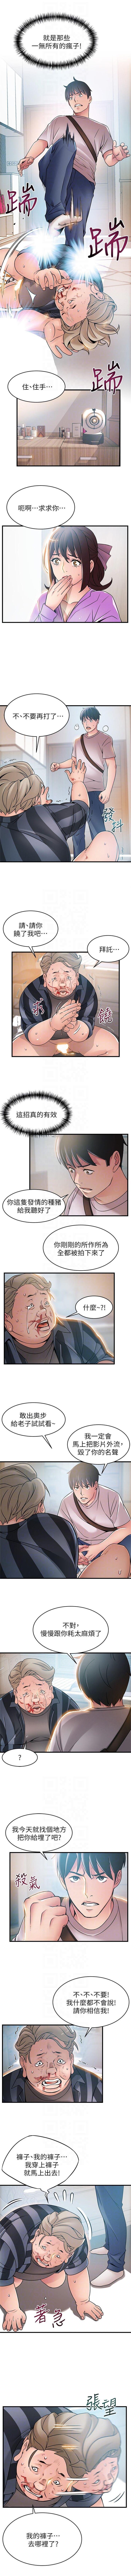 (周7)弱点 1-66 中文翻译(更新中) 217